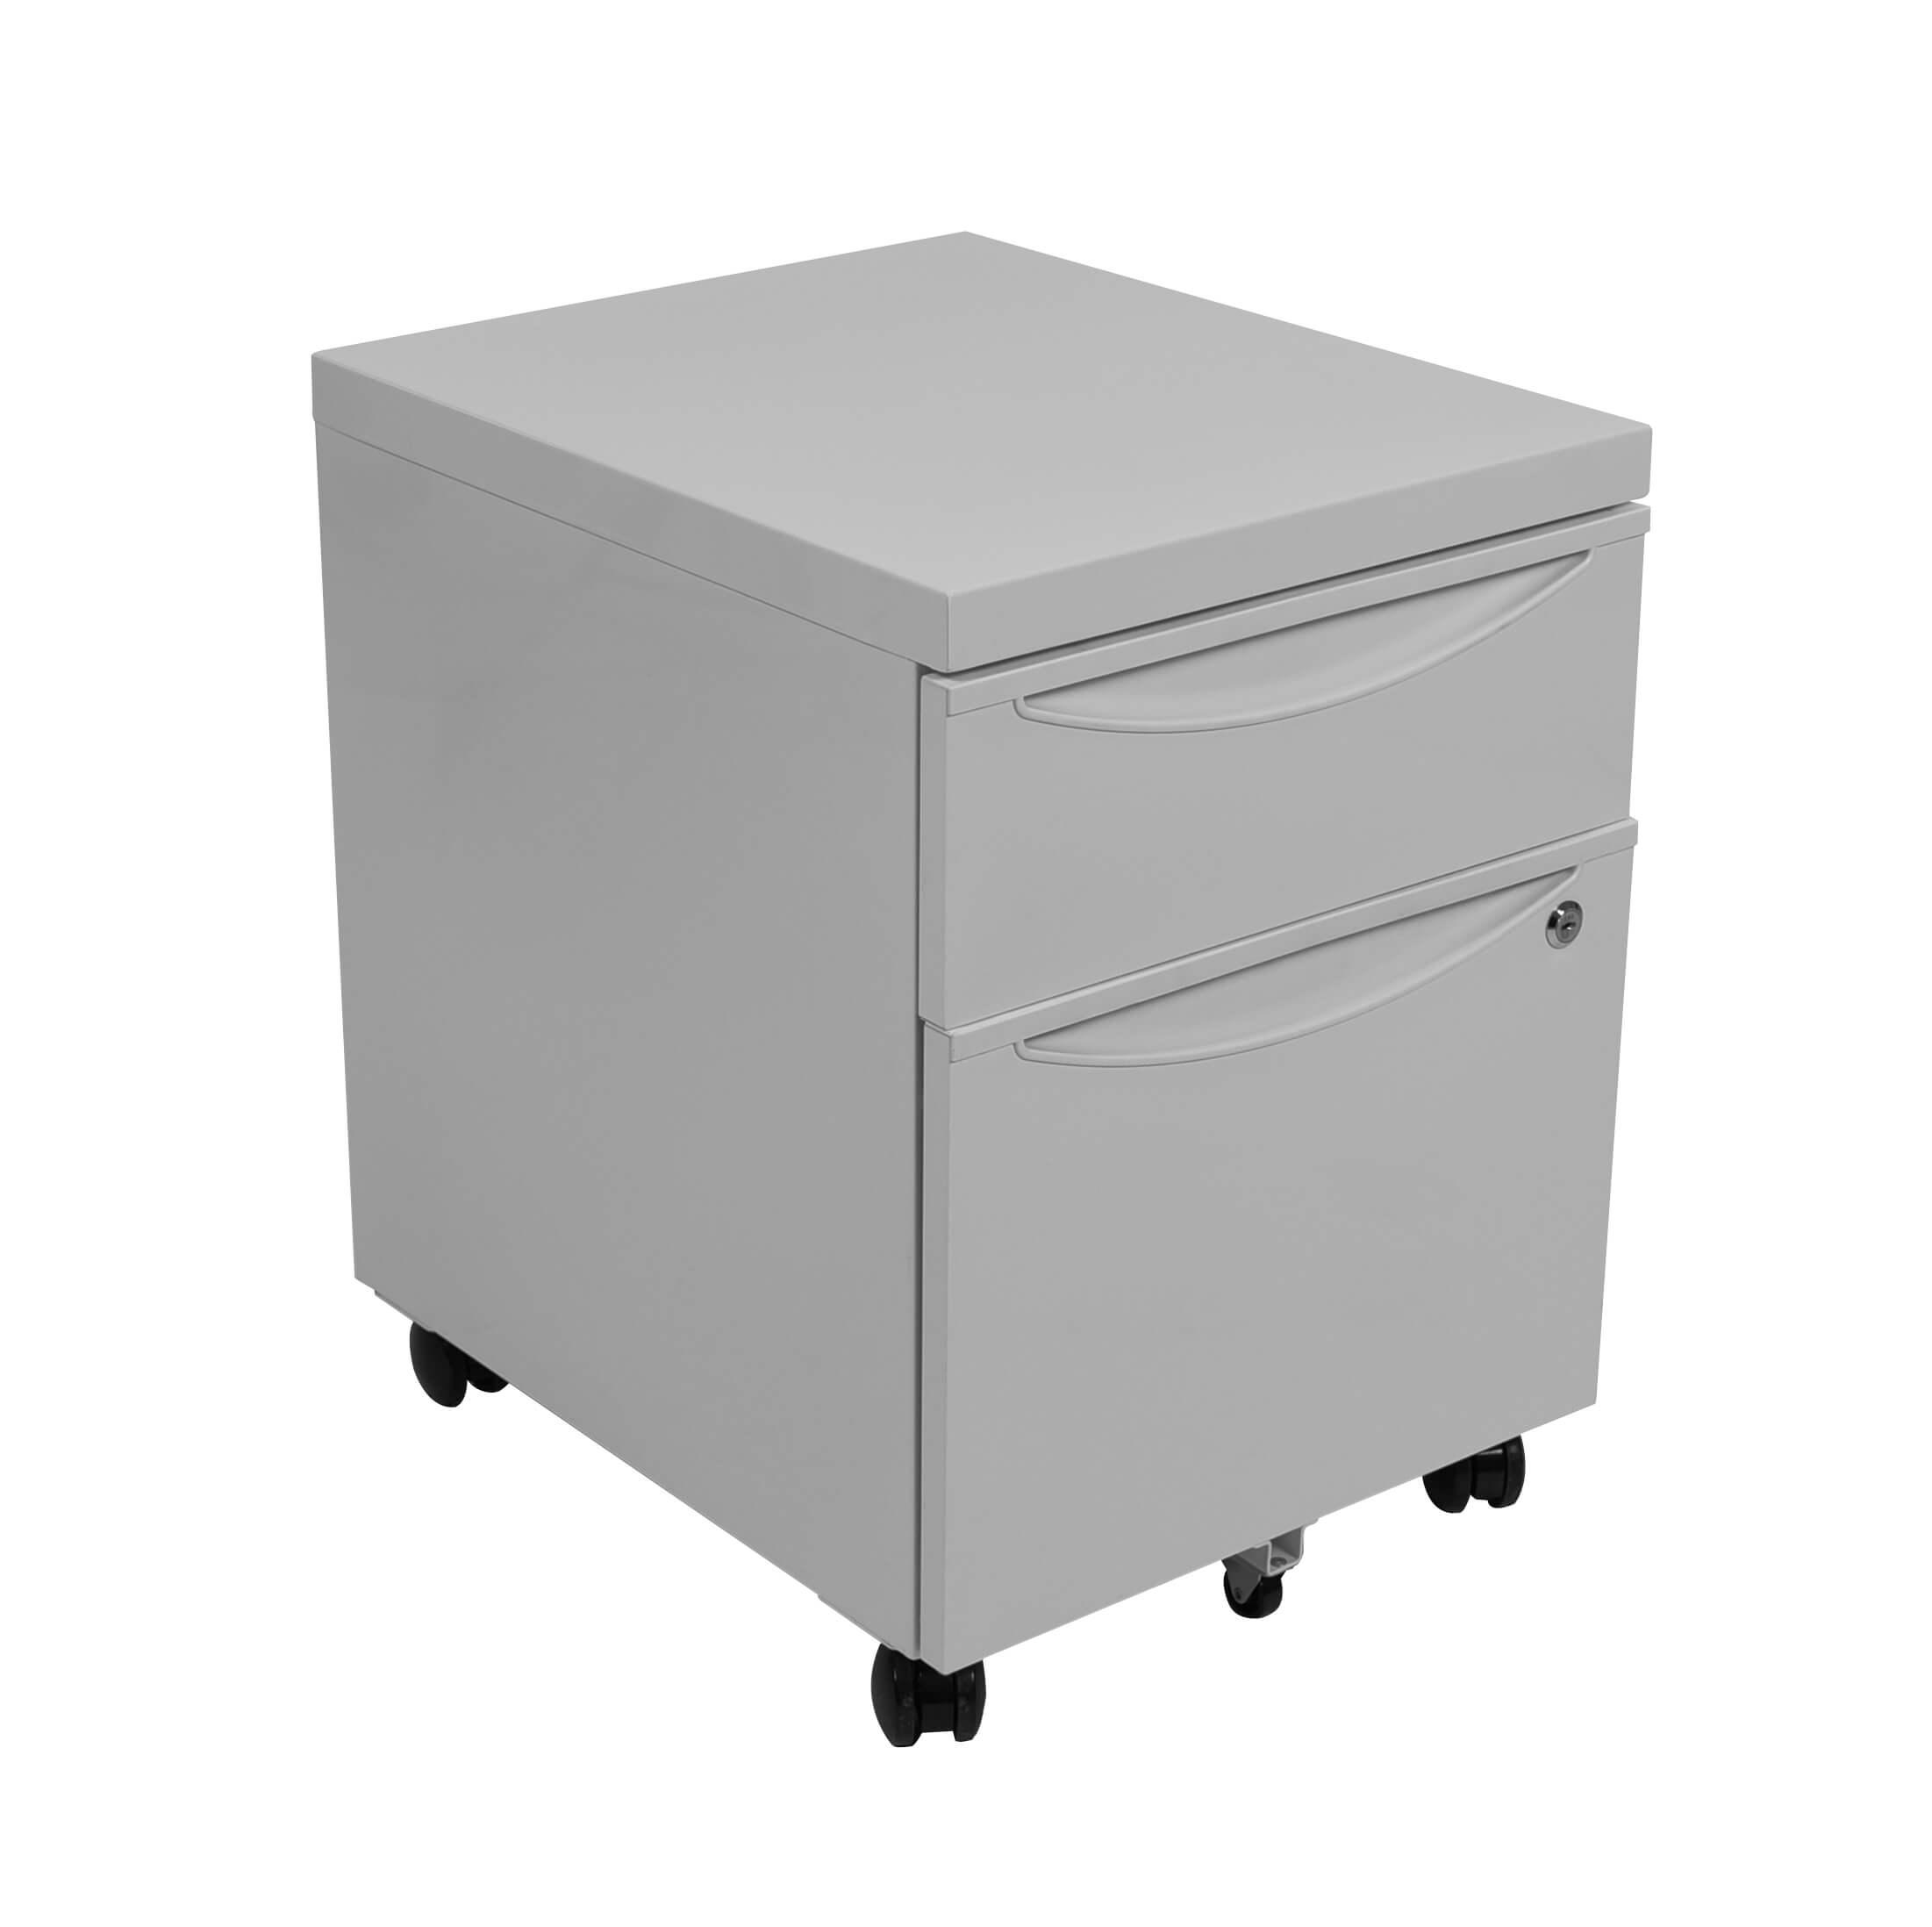 Luxor Mobile Pedestal File Cabinet W Locking Drawer Model Number Kdpedestal Gy